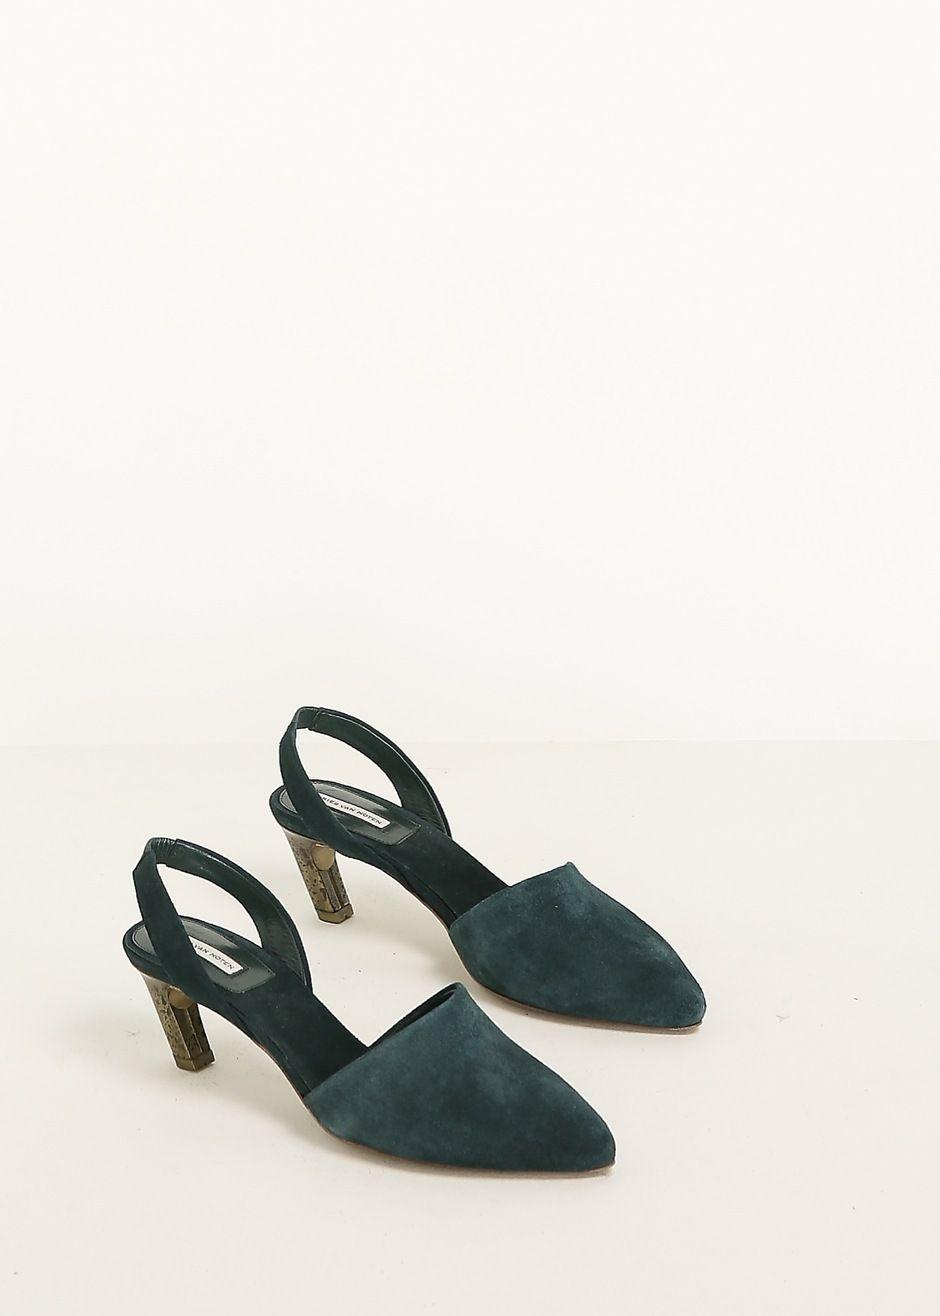 82fa85bc42 Shoes High Heels · Dries Van Noten Suede Pump (Petrol)